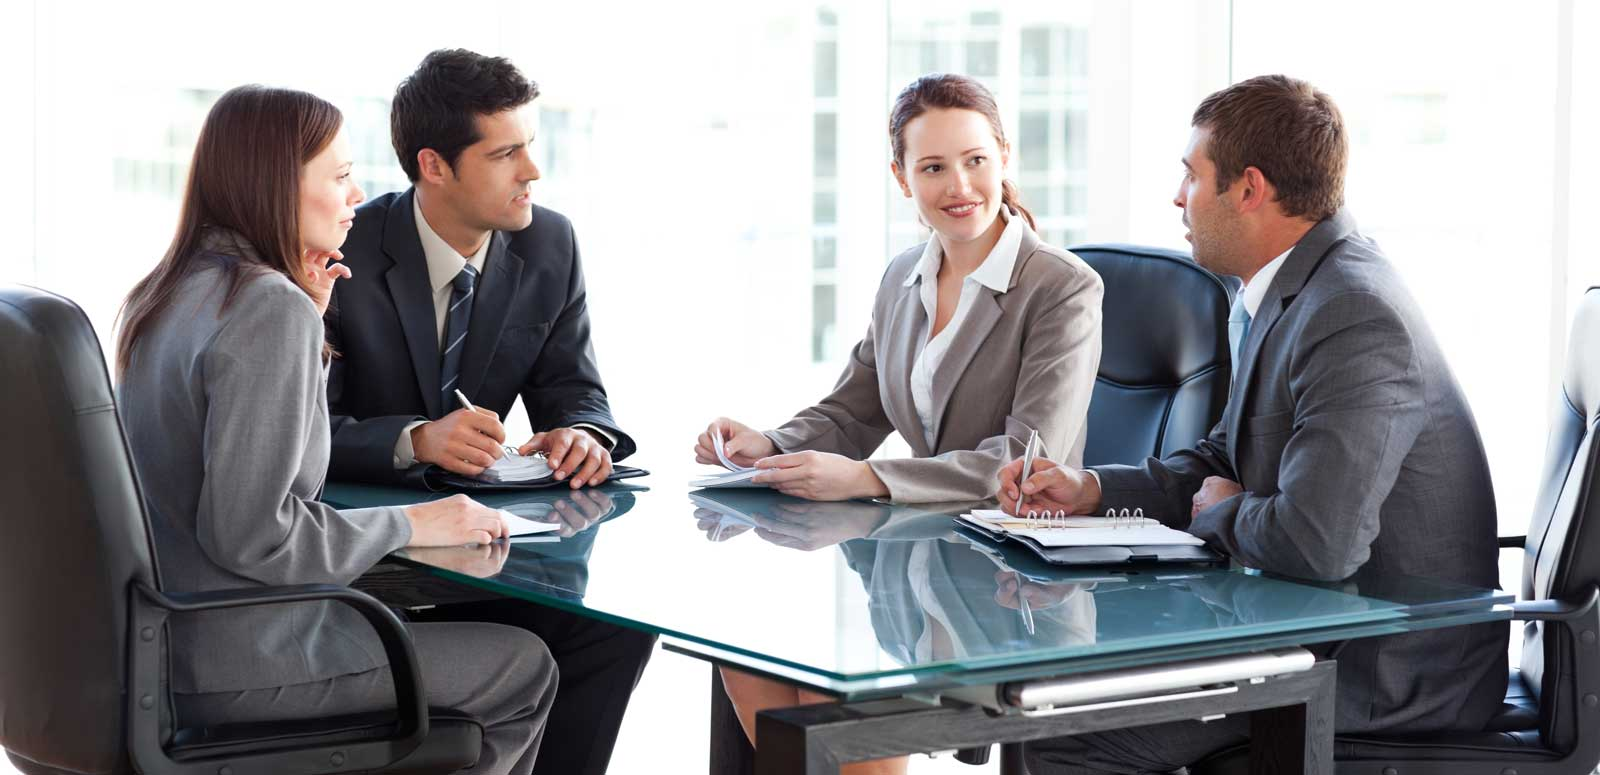 Geschäftsleute beim Bewerbungsgespräch